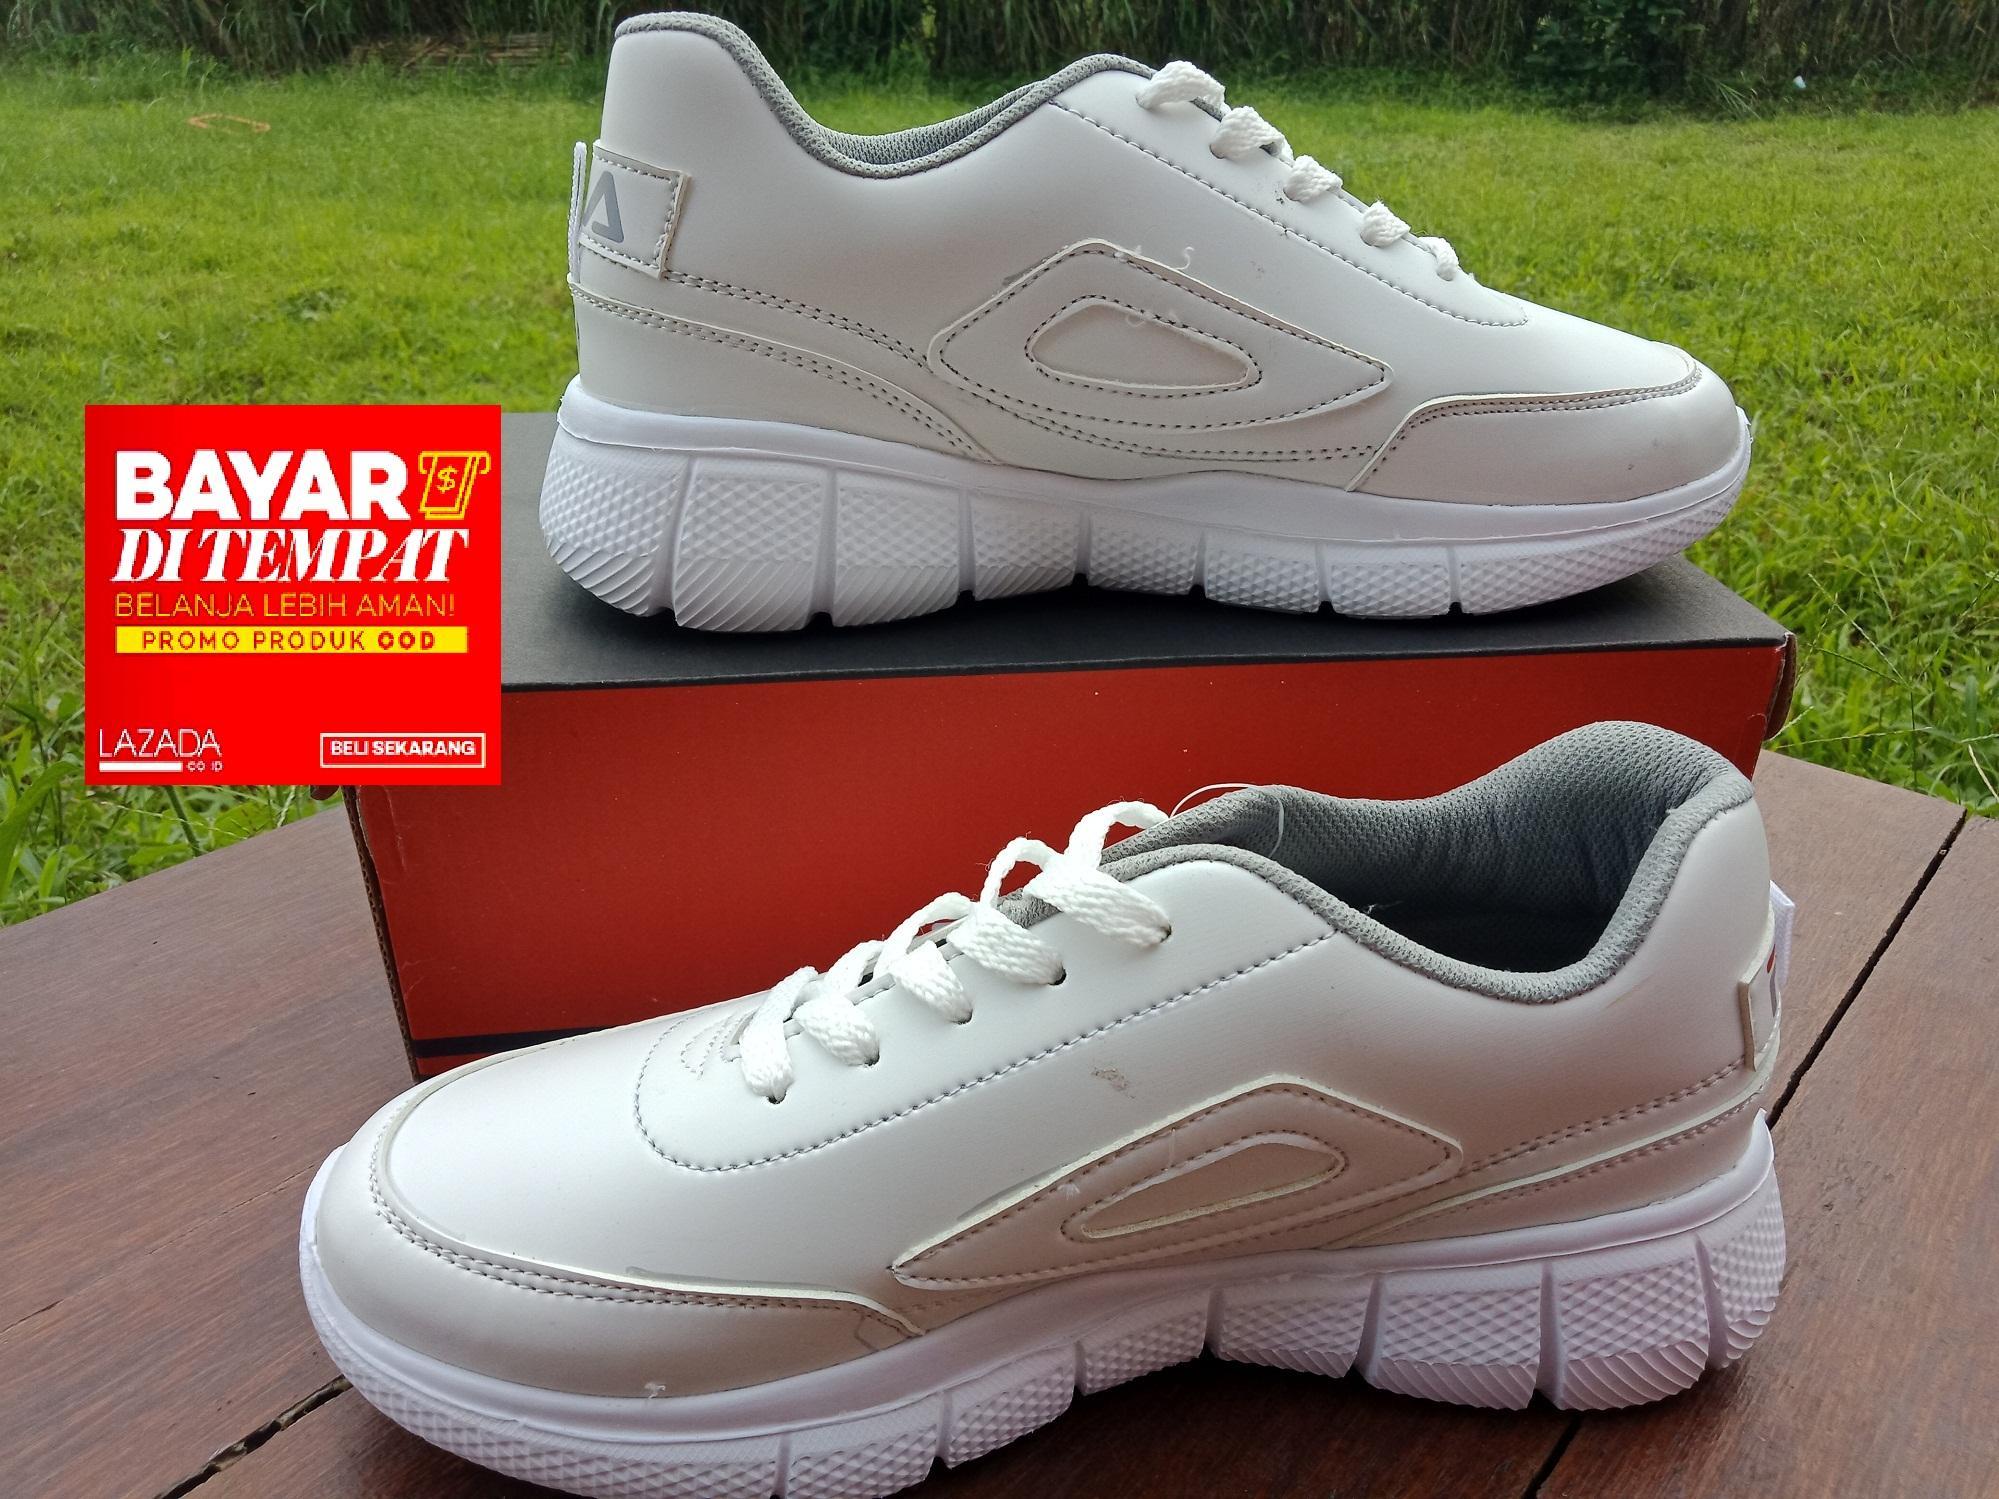 307f9483ba Detail Gambar Sepatu / SEPATU pria BISA BAYAR DI TEMPAT COD FREE ONGKIR /  Fashion pria / Sepatu Casual pria / Sepatu Olah Raga / sepatu terbaik /  sepatu ...